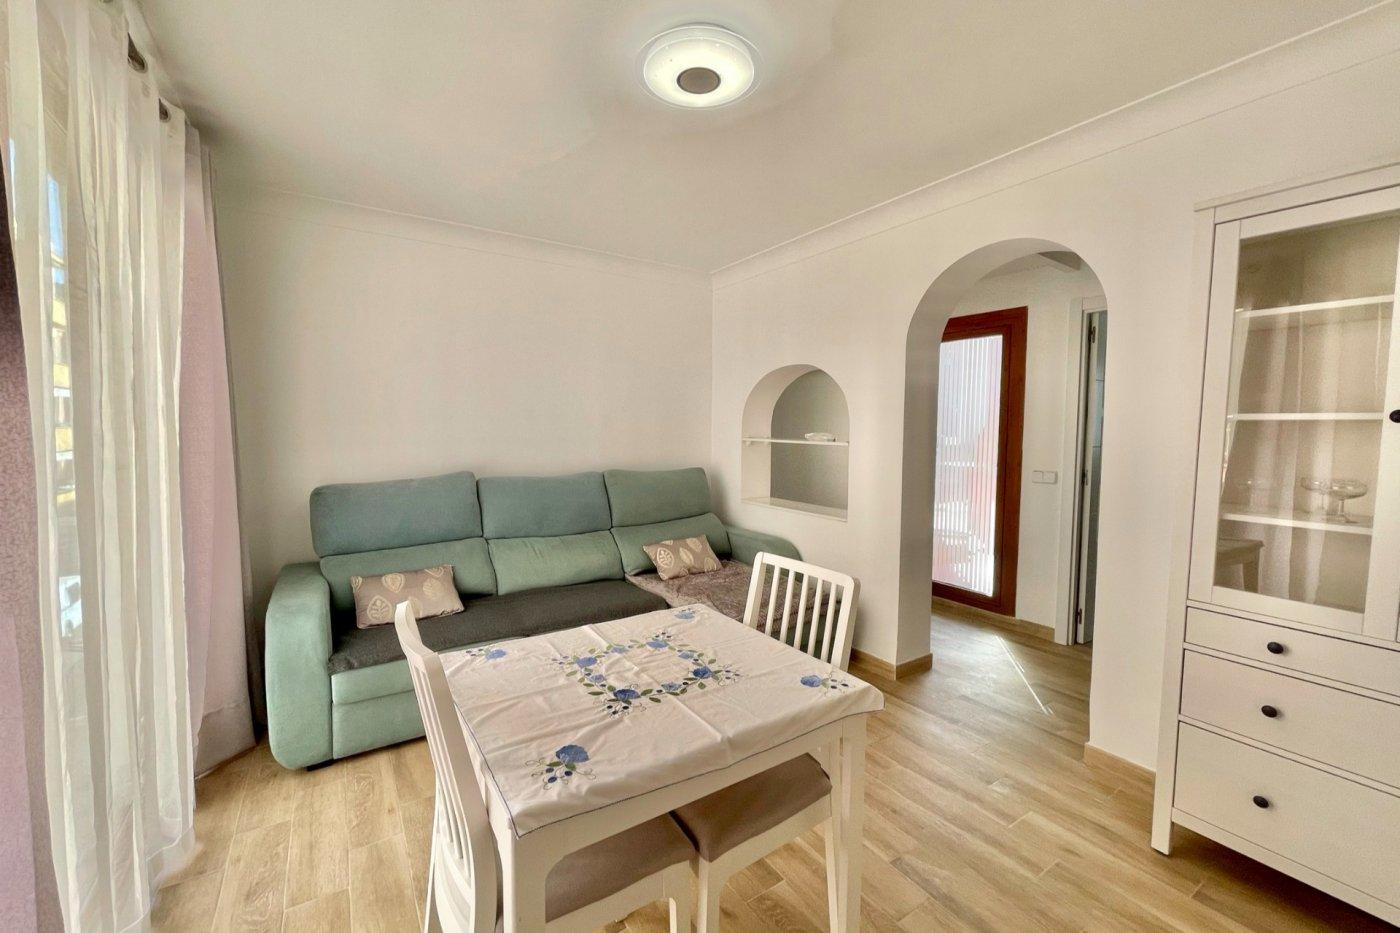 Piso amueblado de 57 m² de superficie con balcón, terraza y barbacoa en la zona de son cot - imagenInmueble2